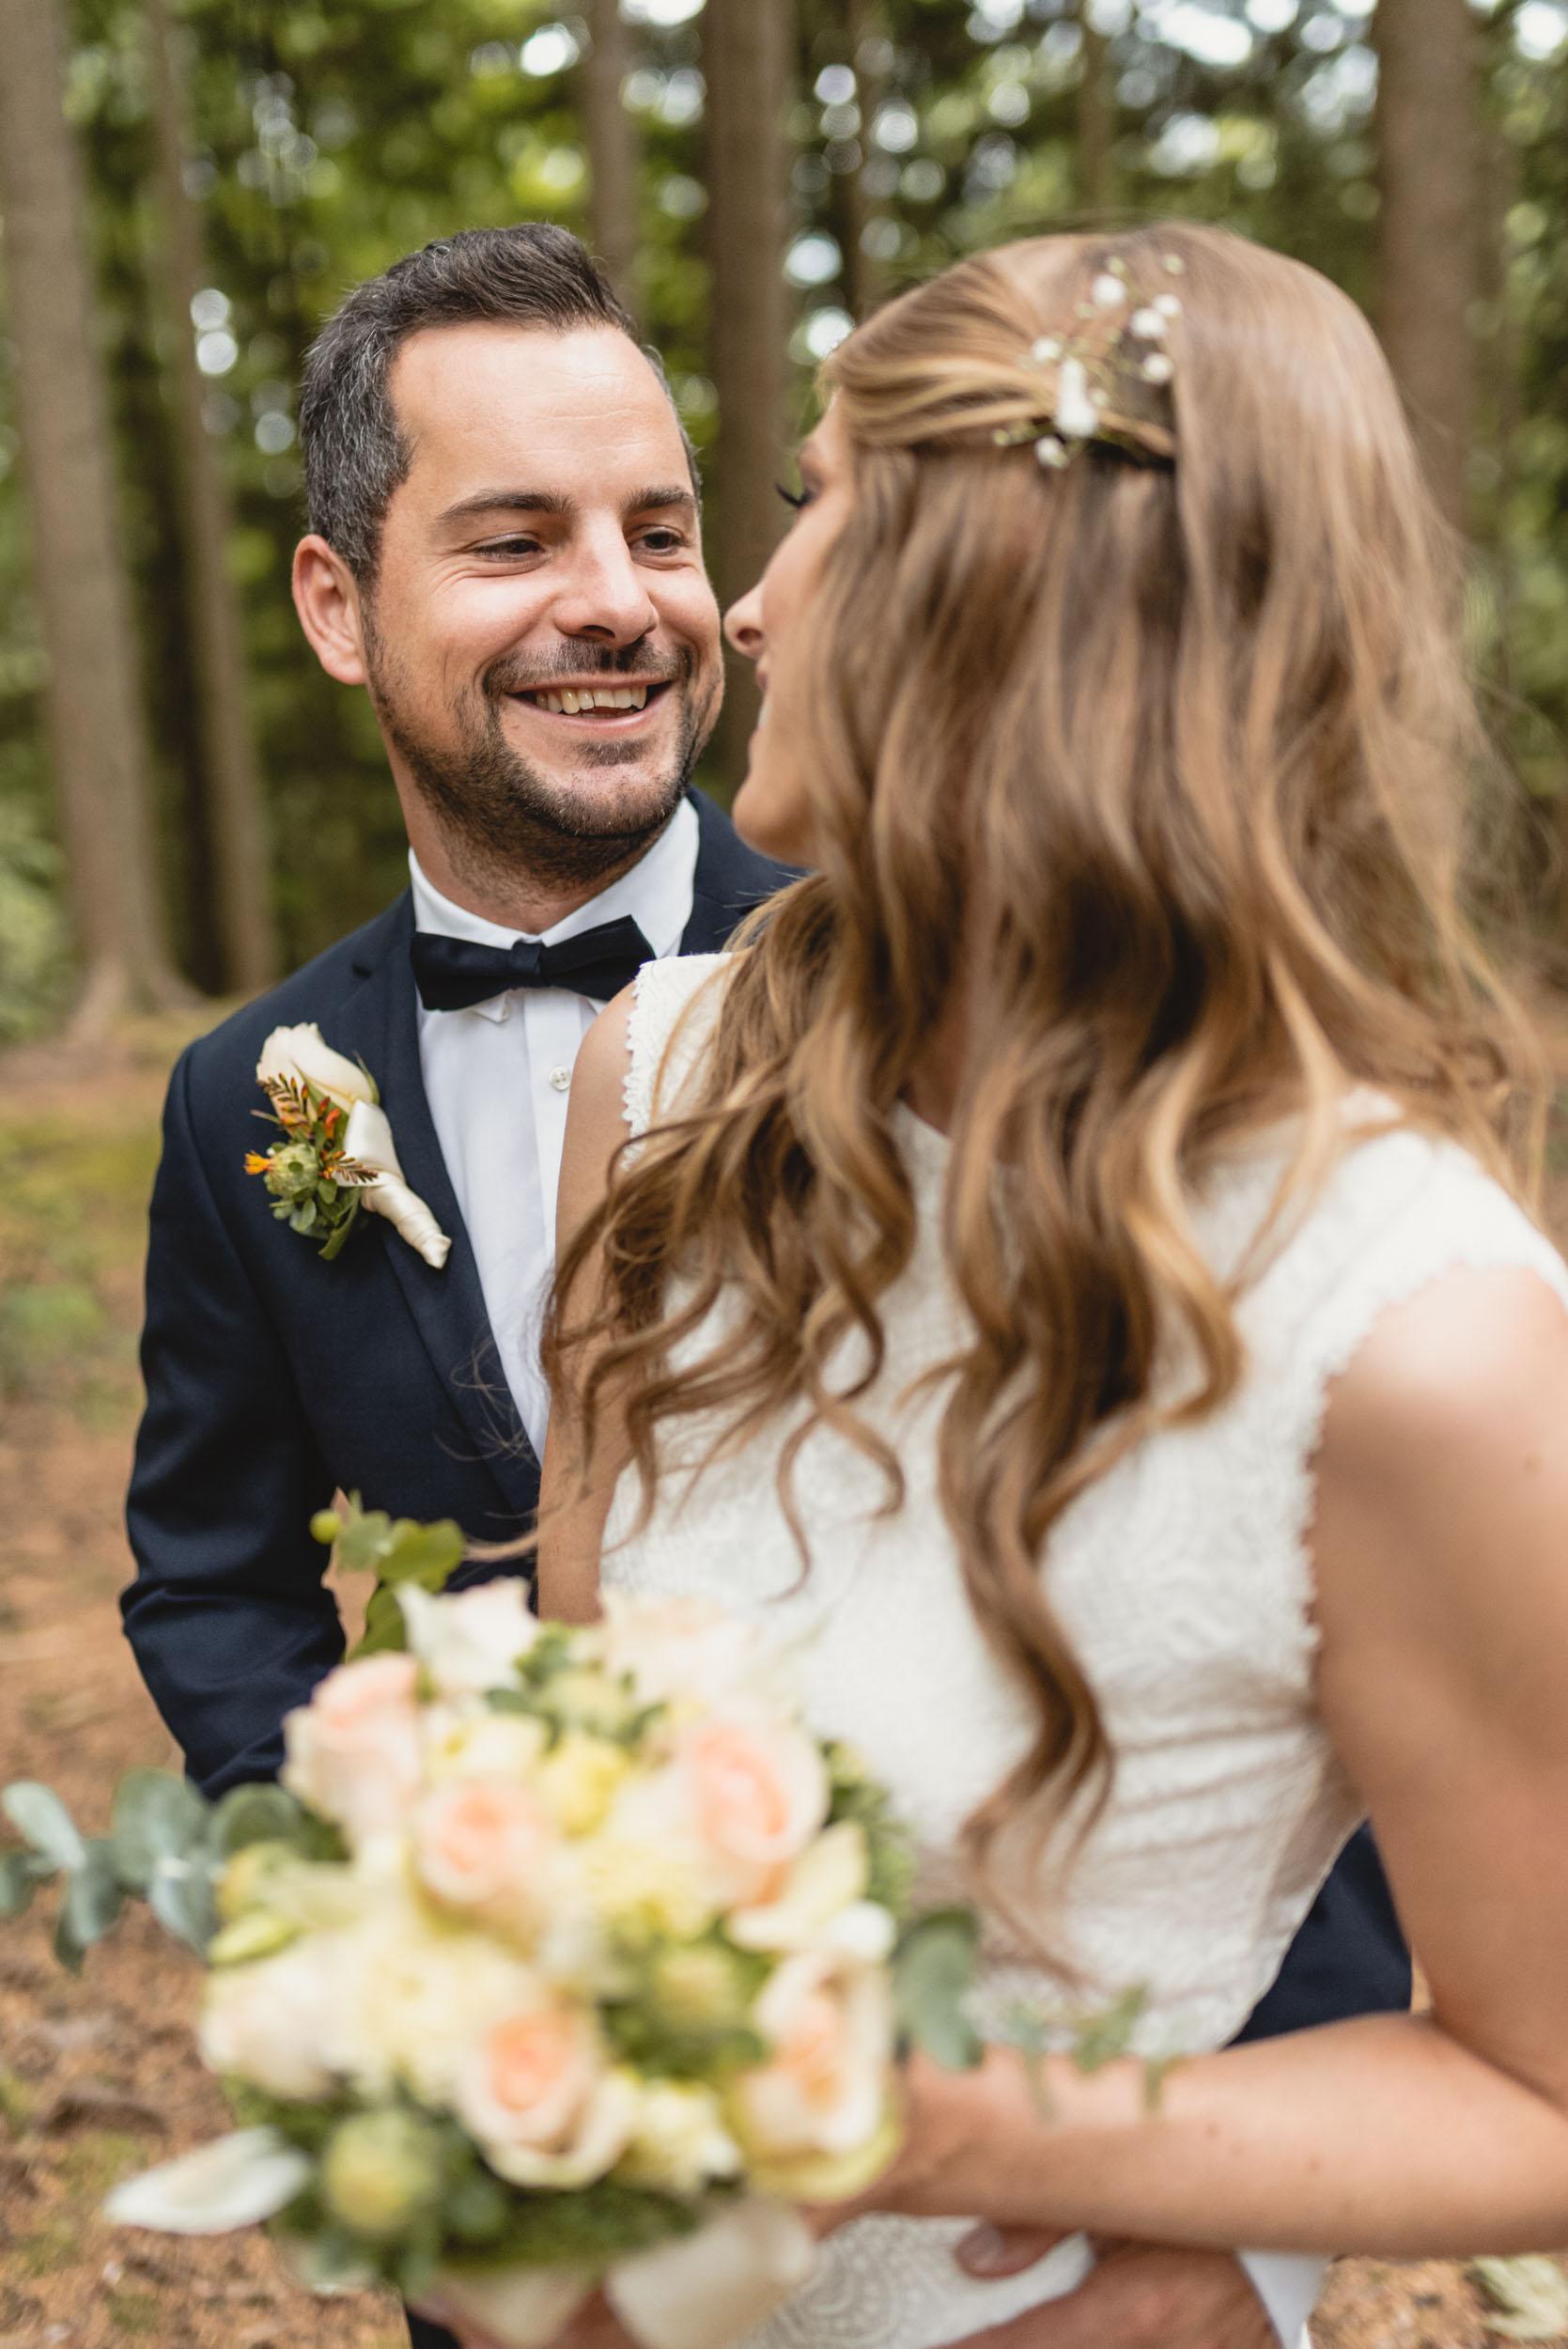 Weddings_LukeMiklerPhoto-6.jpg